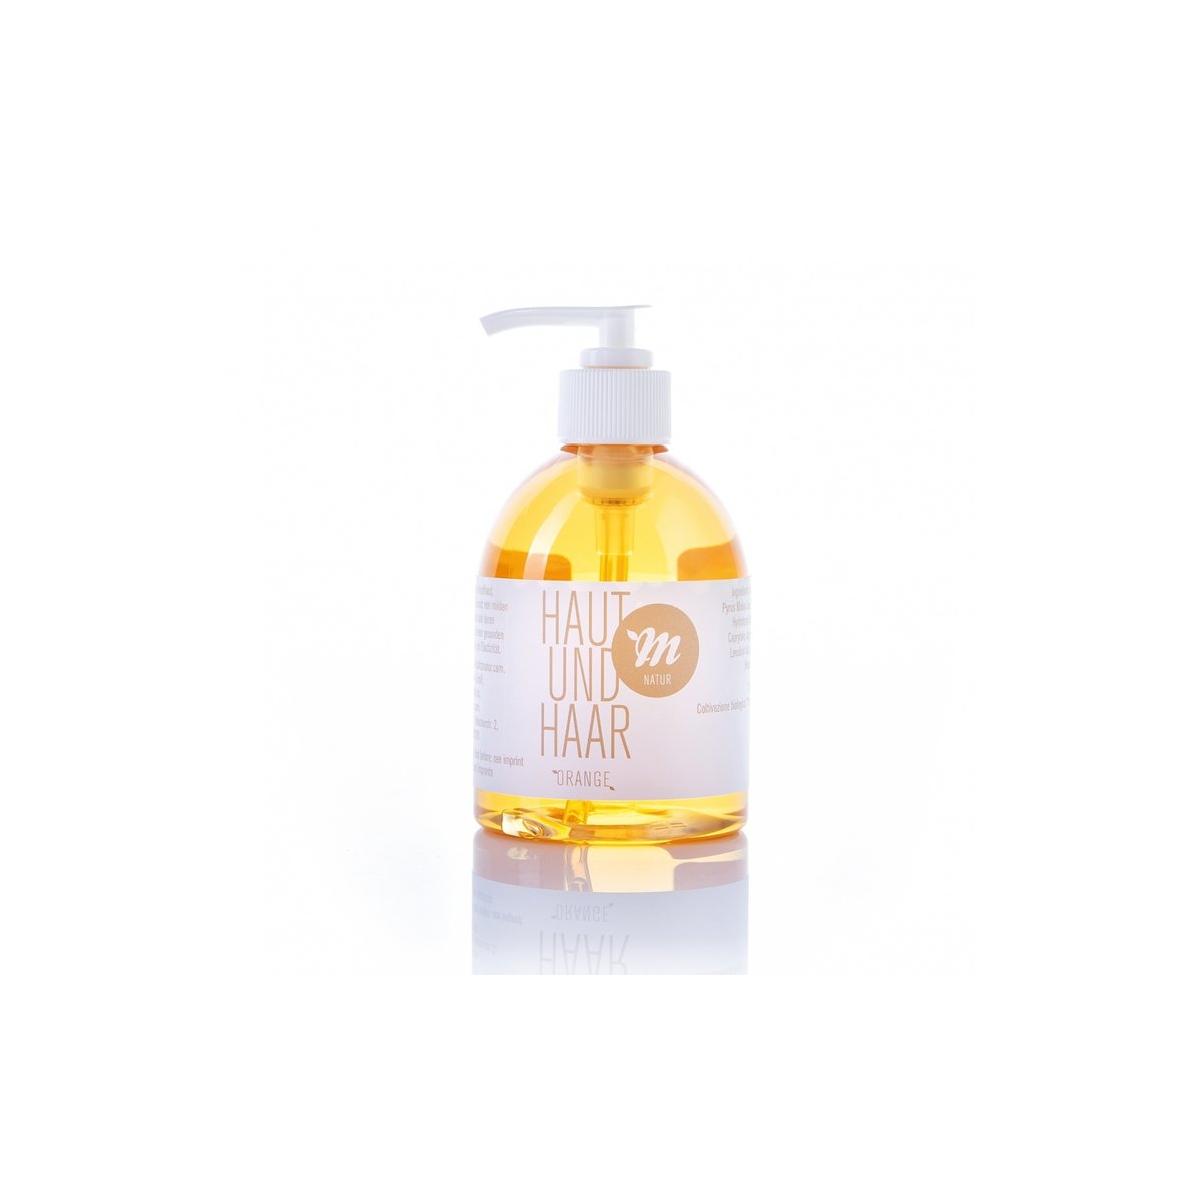 Uni Sapon Haut & Haar Duschpflege 250ml